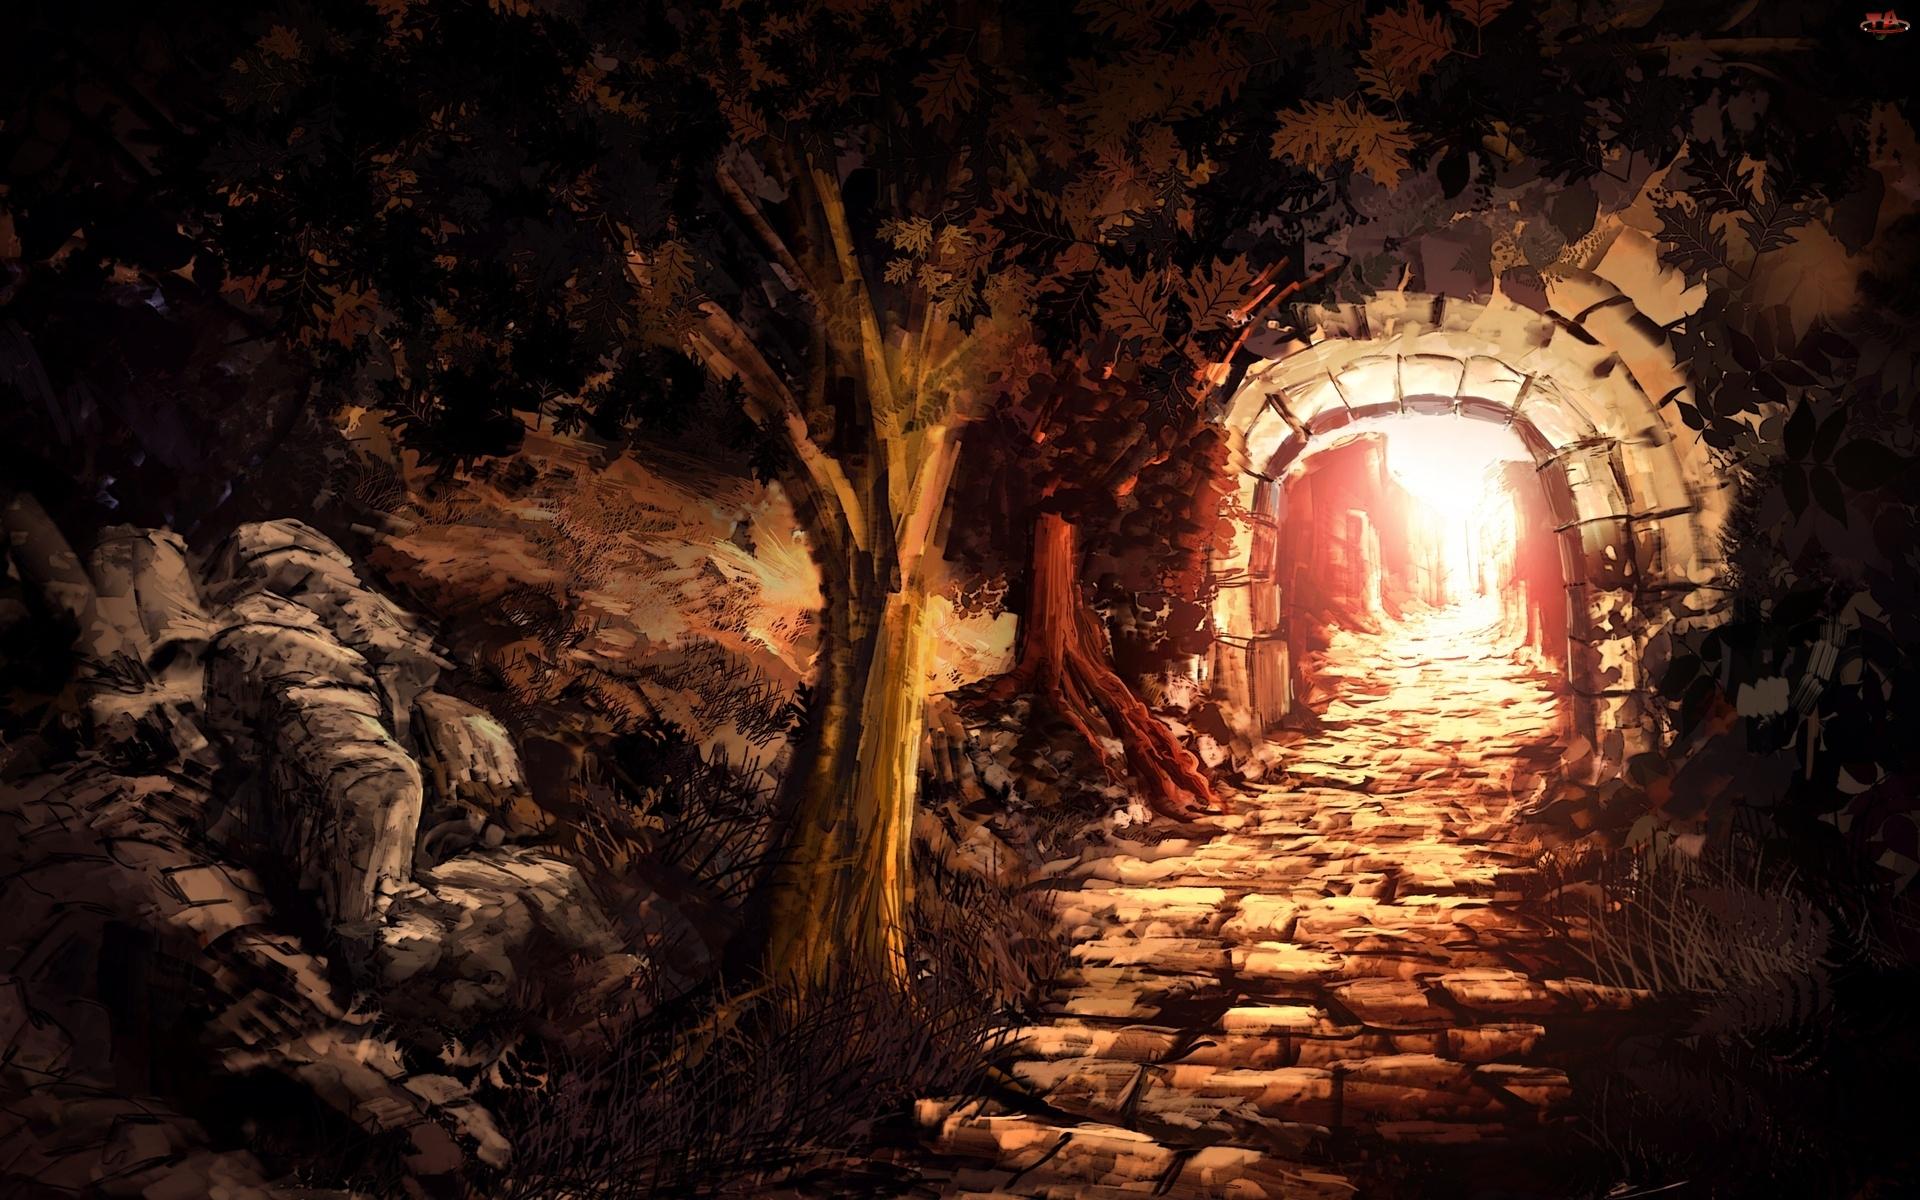 Obraz, Tunel, Drzewa